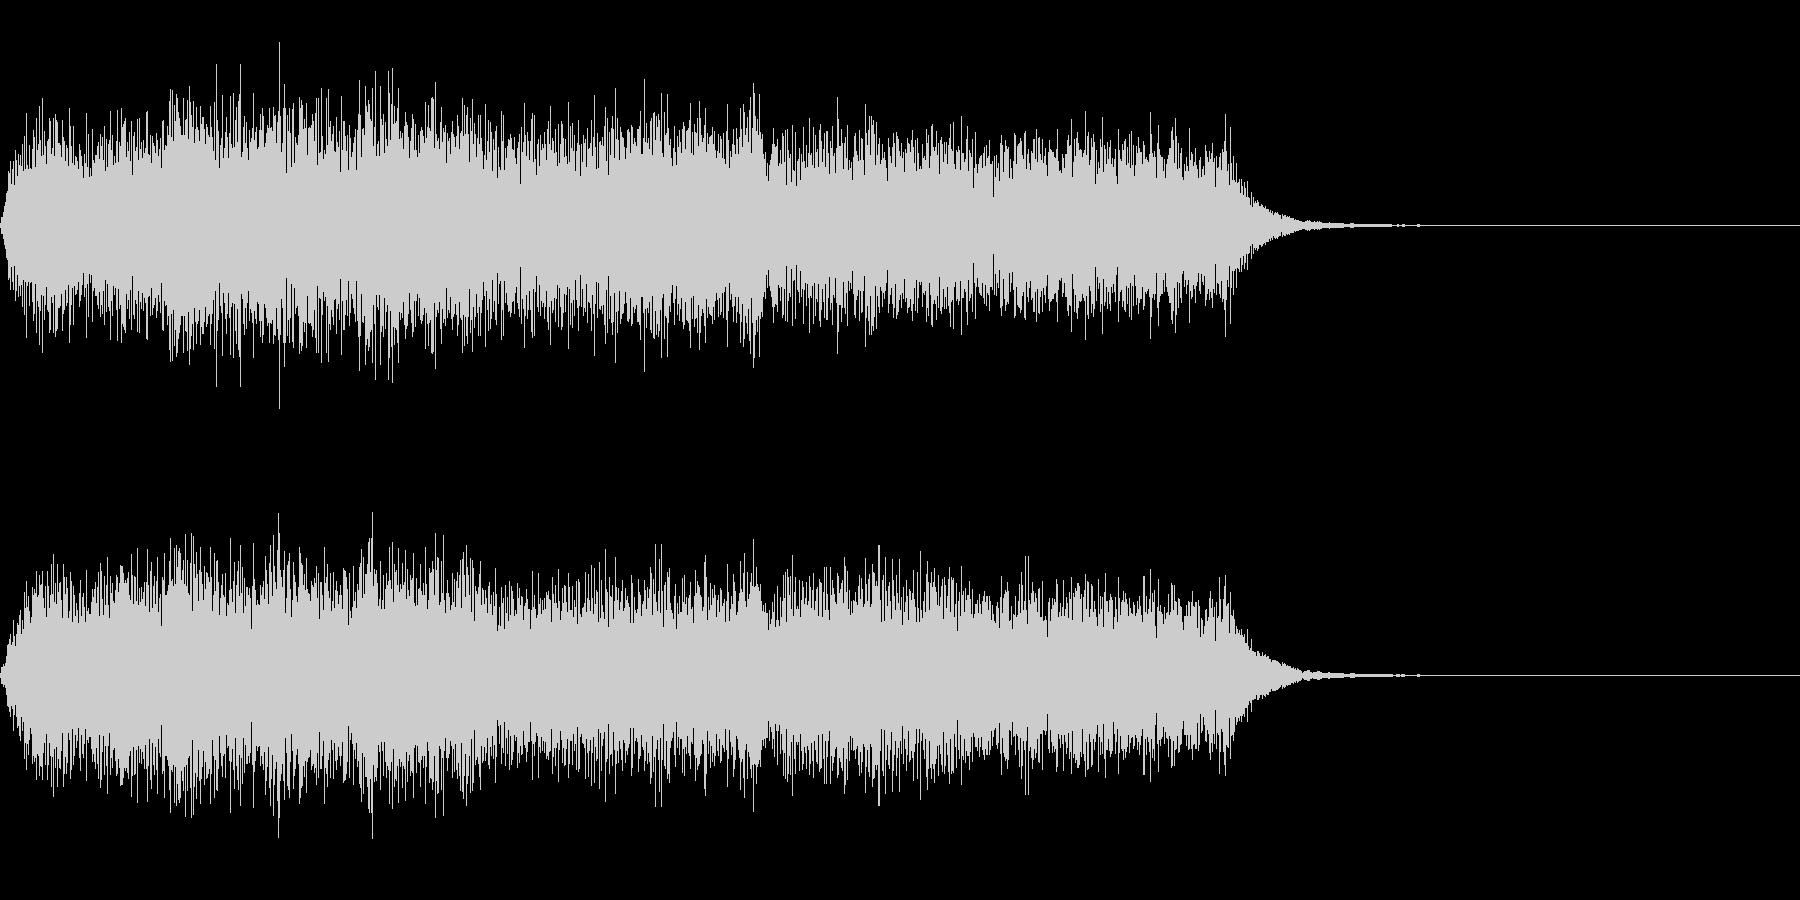 オーケストラの短いジングルの未再生の波形